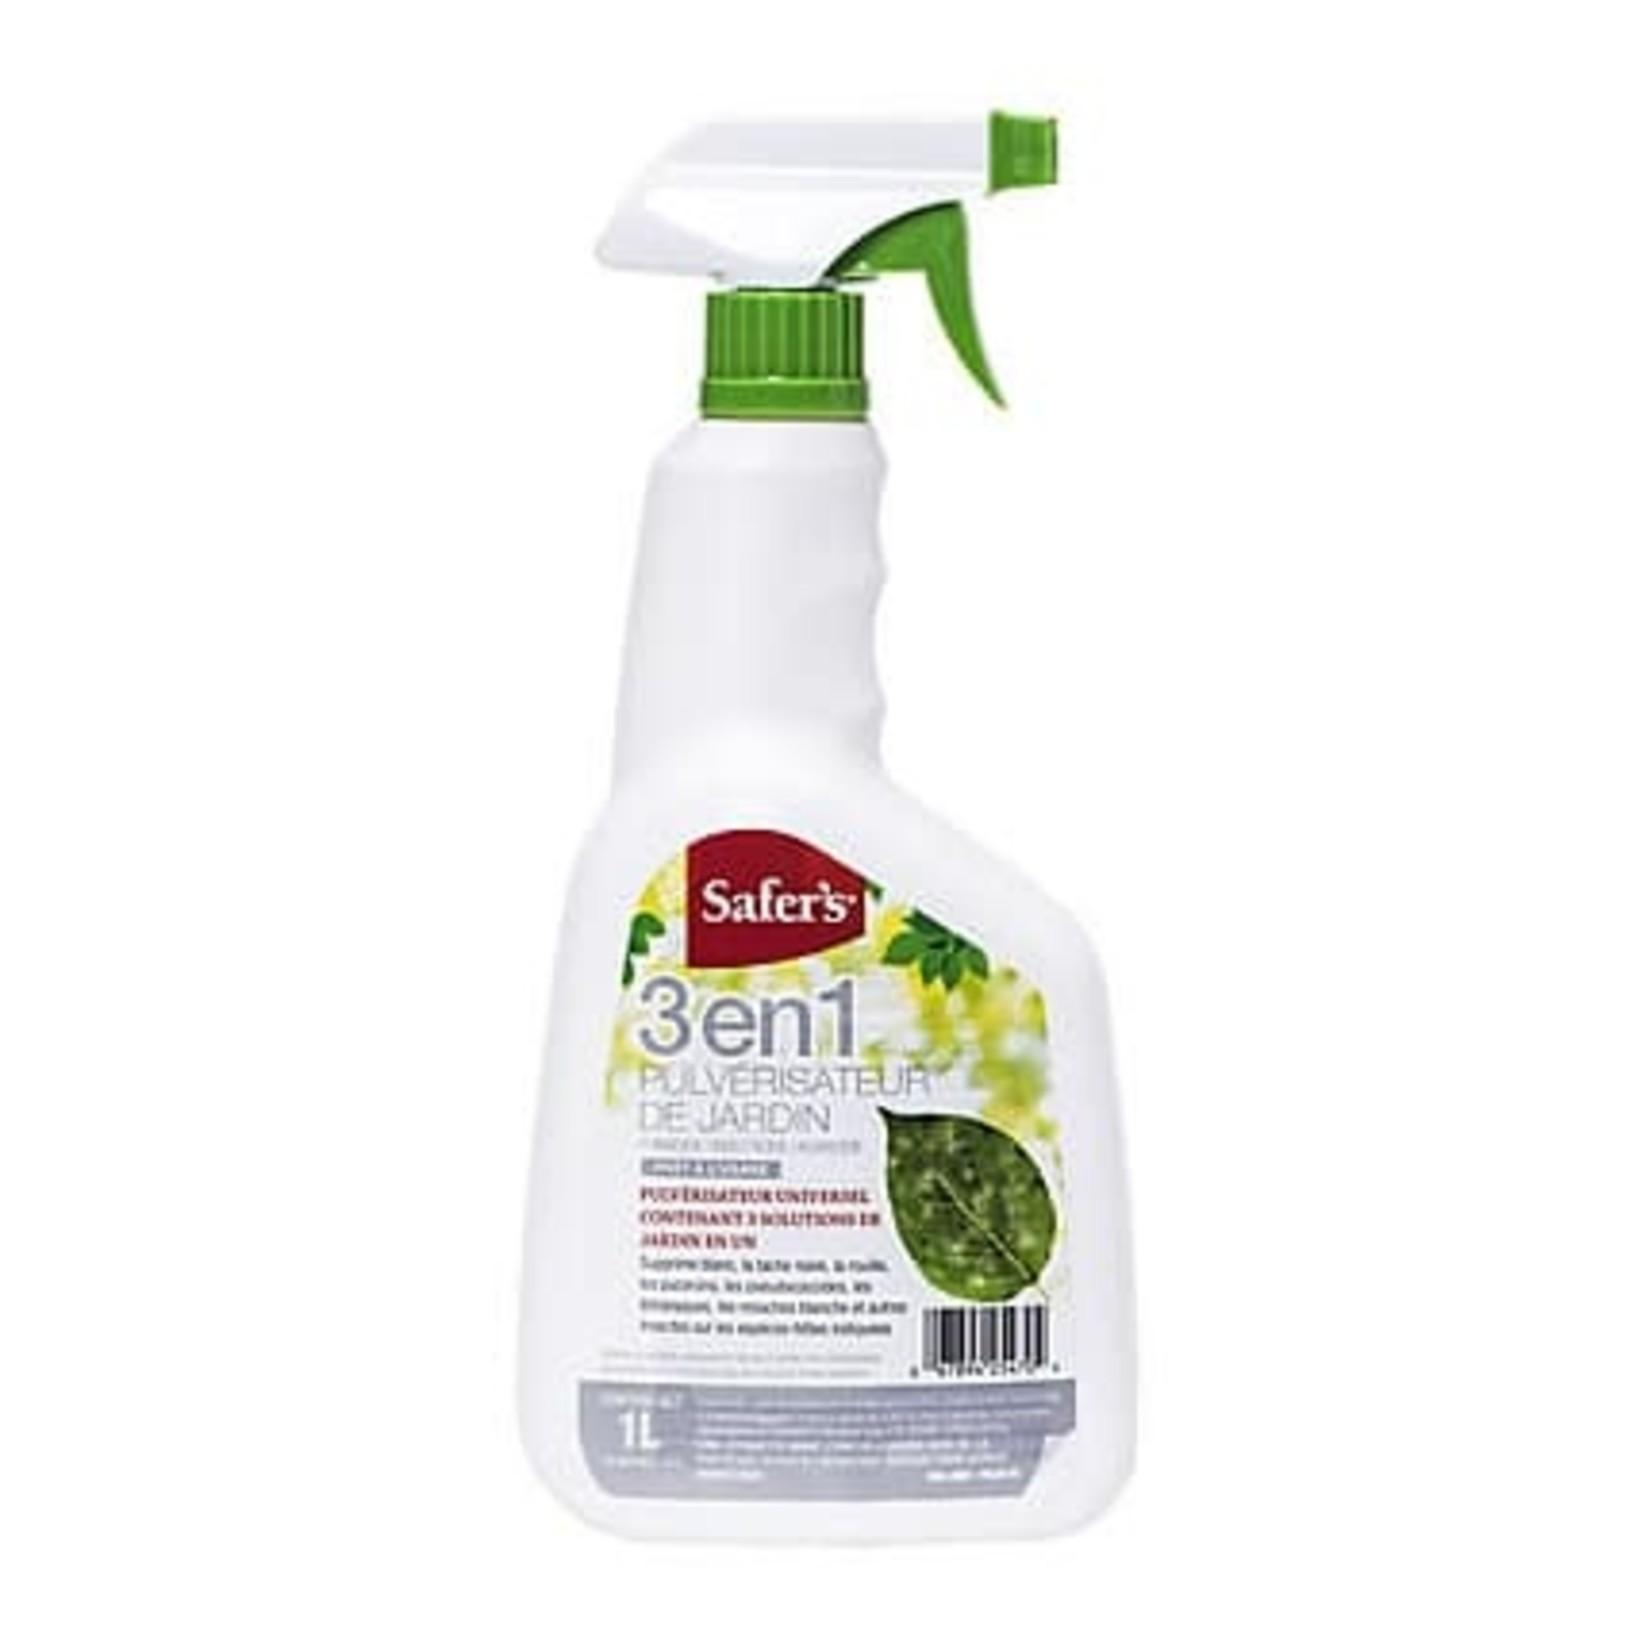 Safer's  3 in 1 Garden Sprayer